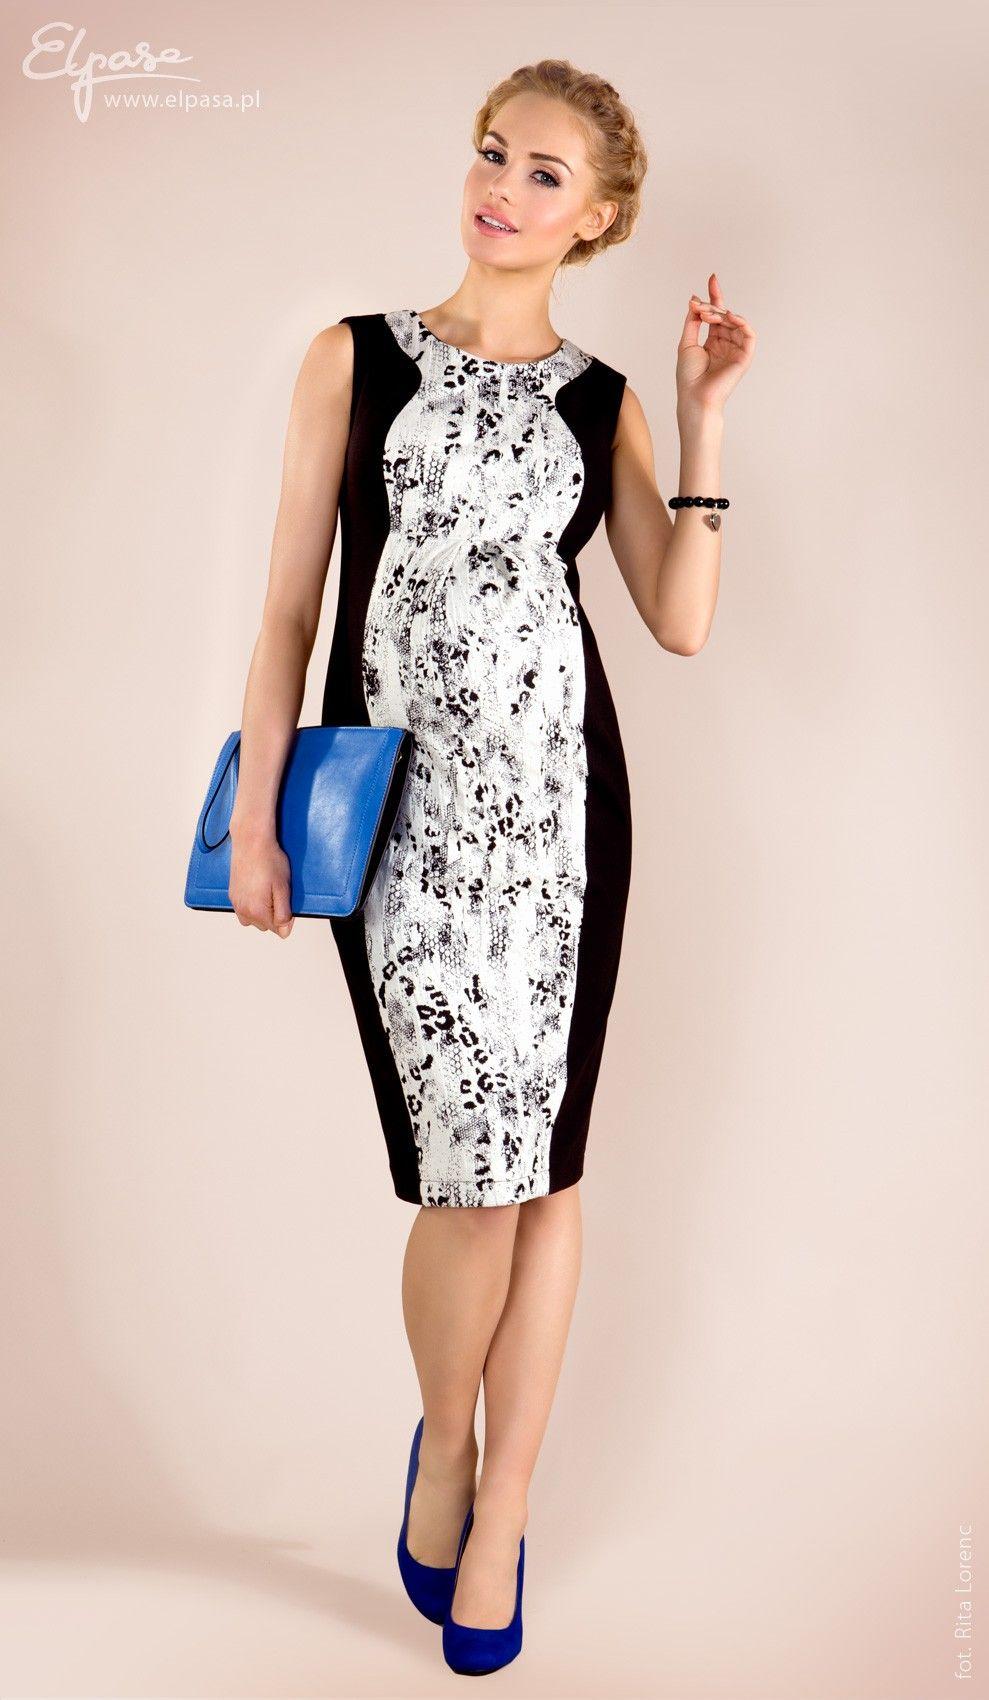 Populaire Épinglé par Nivie Goma-Foutou sur mes models | Pinterest | Robe de  GW62